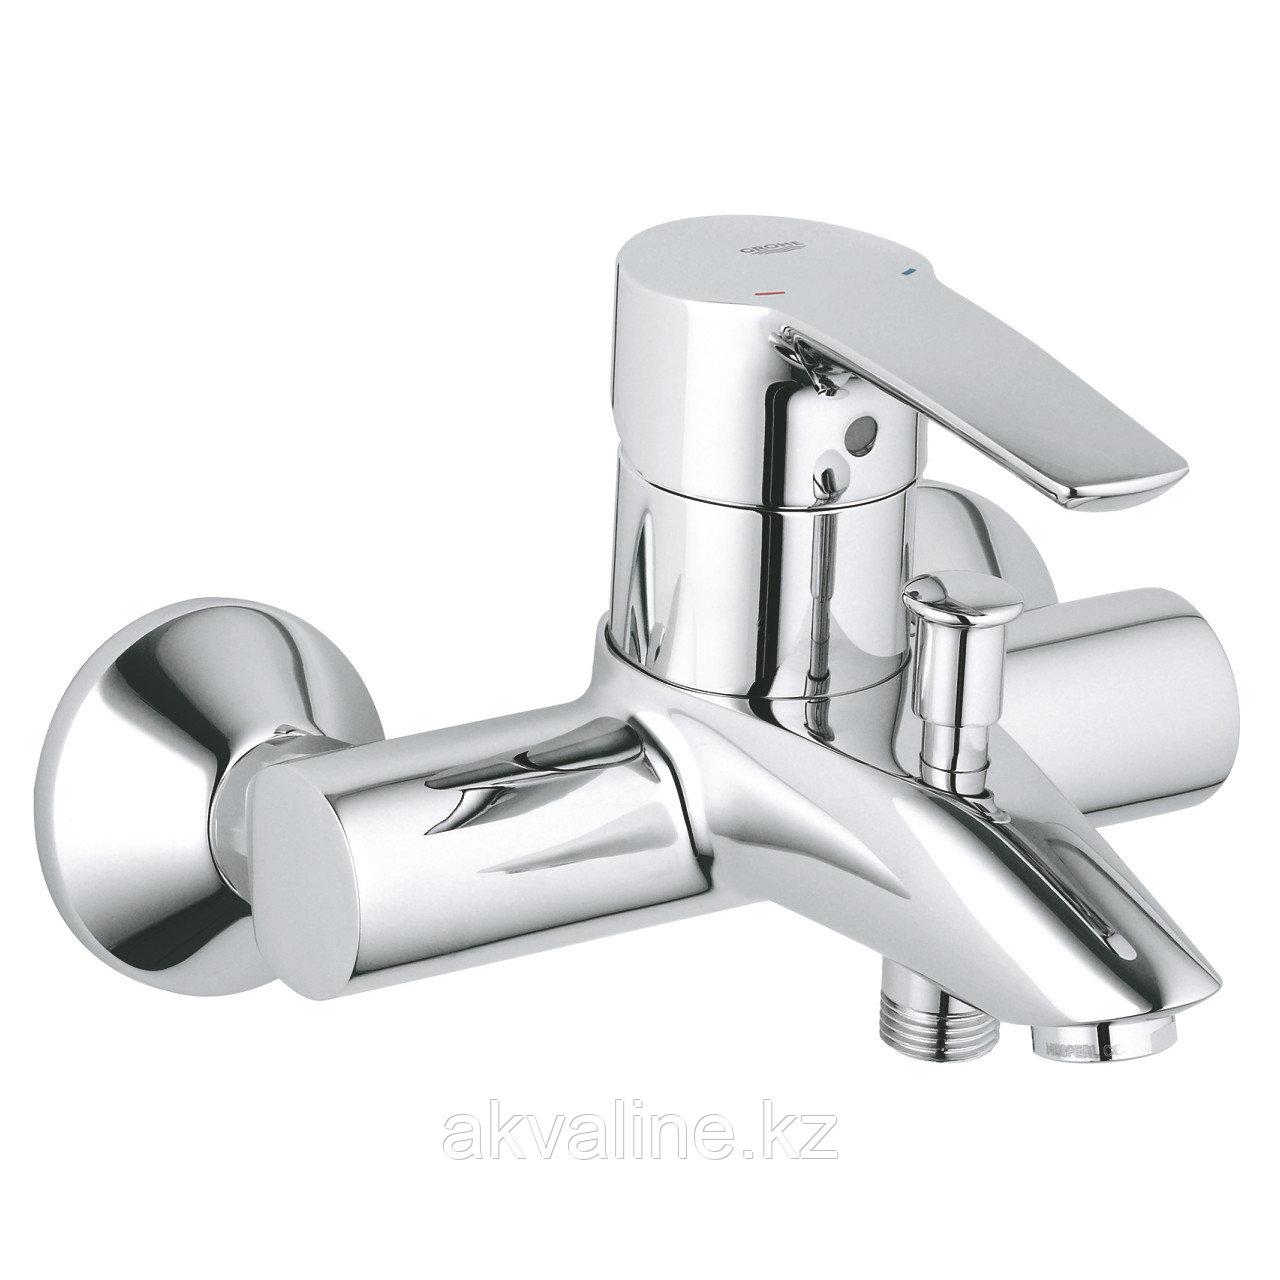 Комплект смеситель для ванны Eurostyle , штанга 600мм, ручной душ, шланг